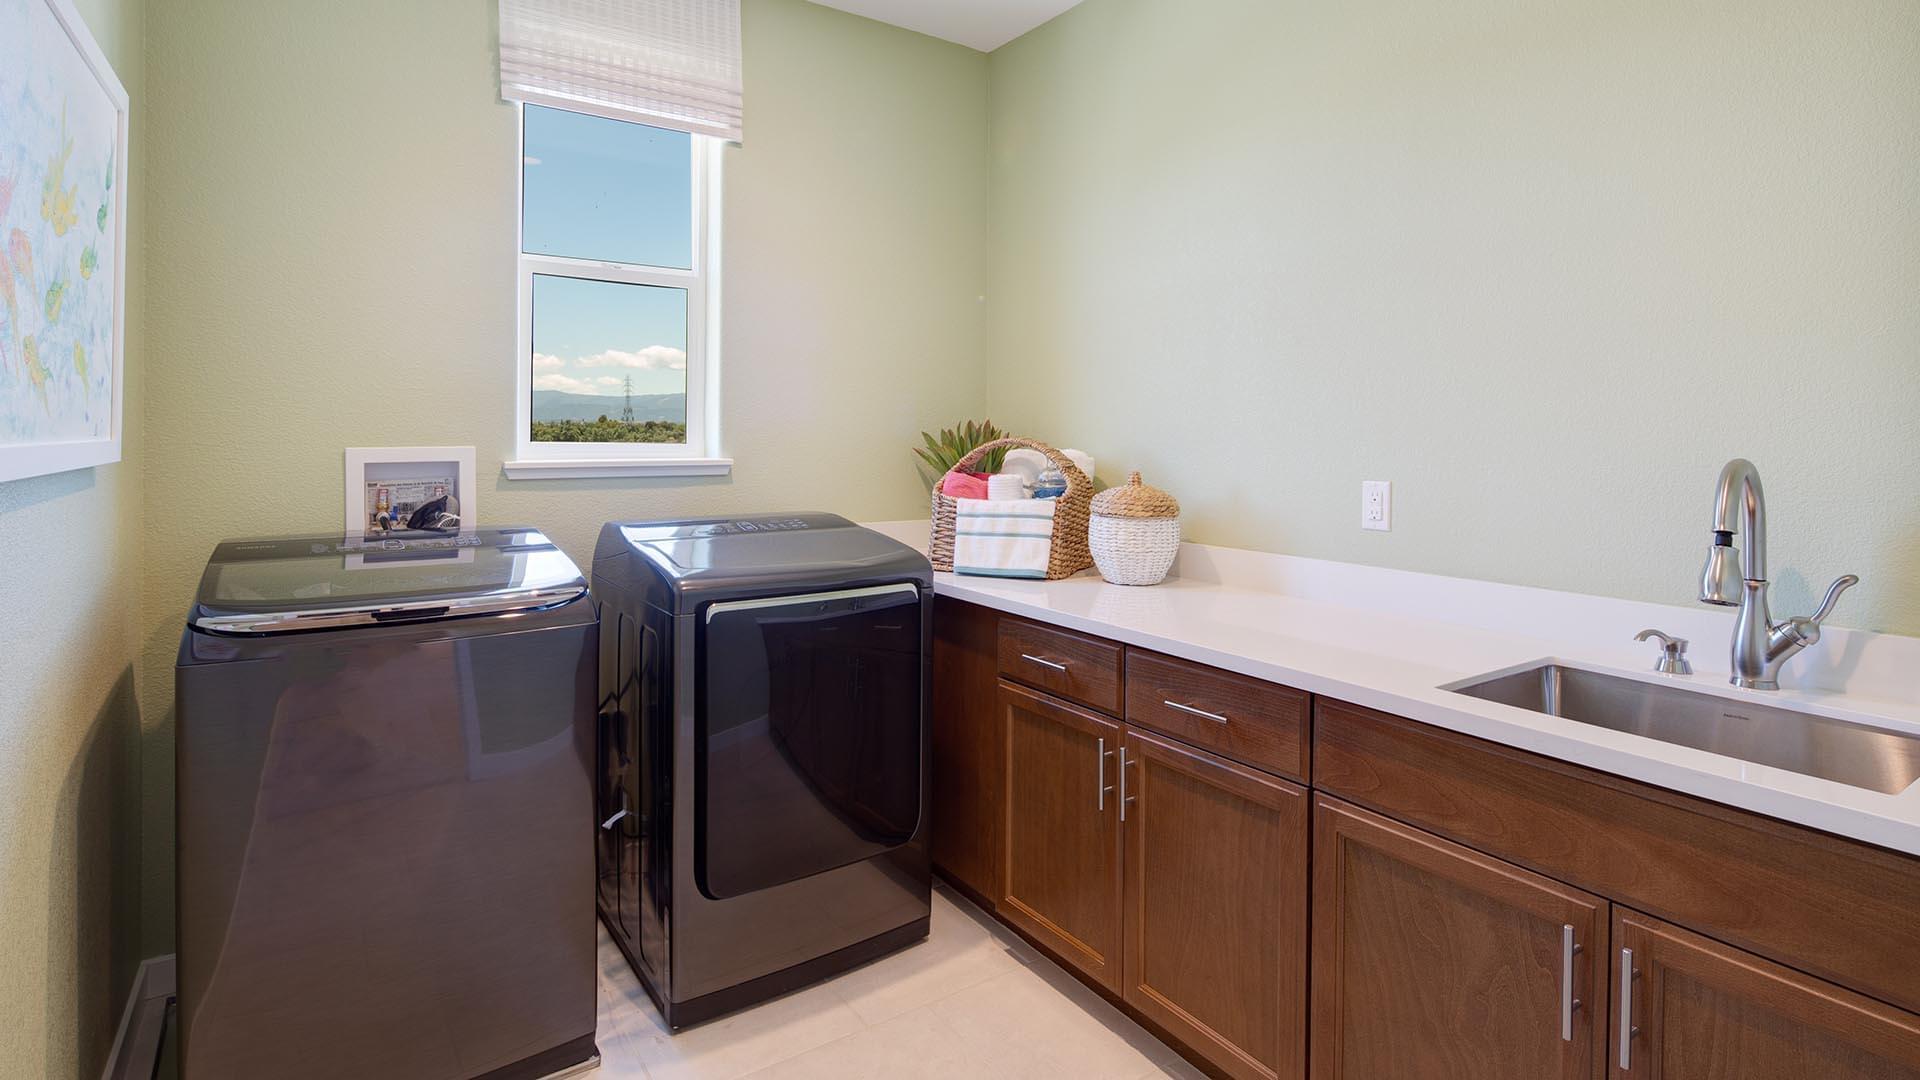 Residence 3 Model Laundry Room